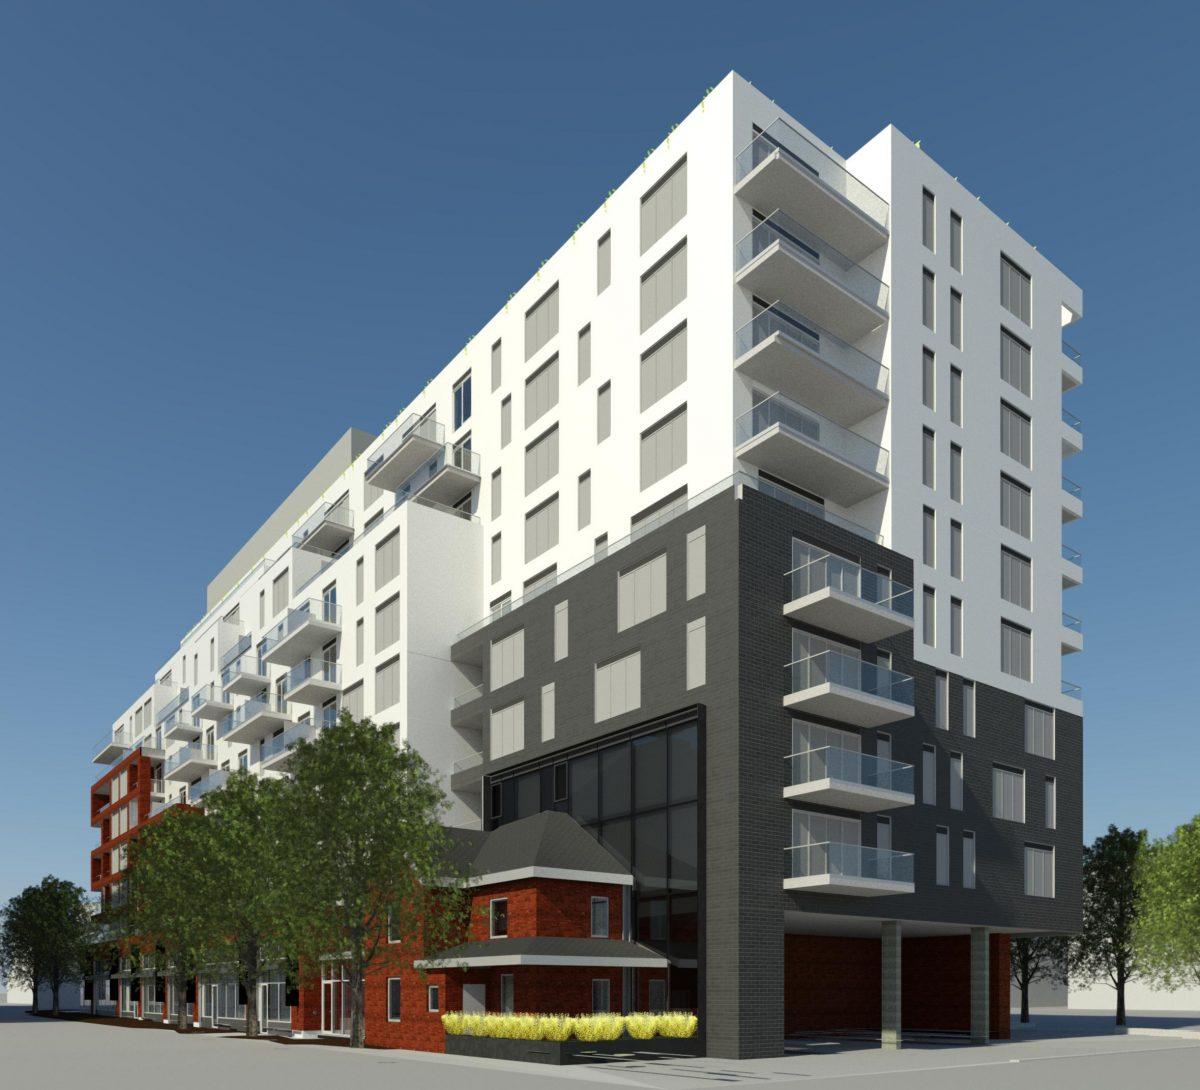 Korsiak Urban Planning - Oakville Portfolio - Old Bronte Road, Mid-Rise, Mixed Use Development - Oakville, Ontario